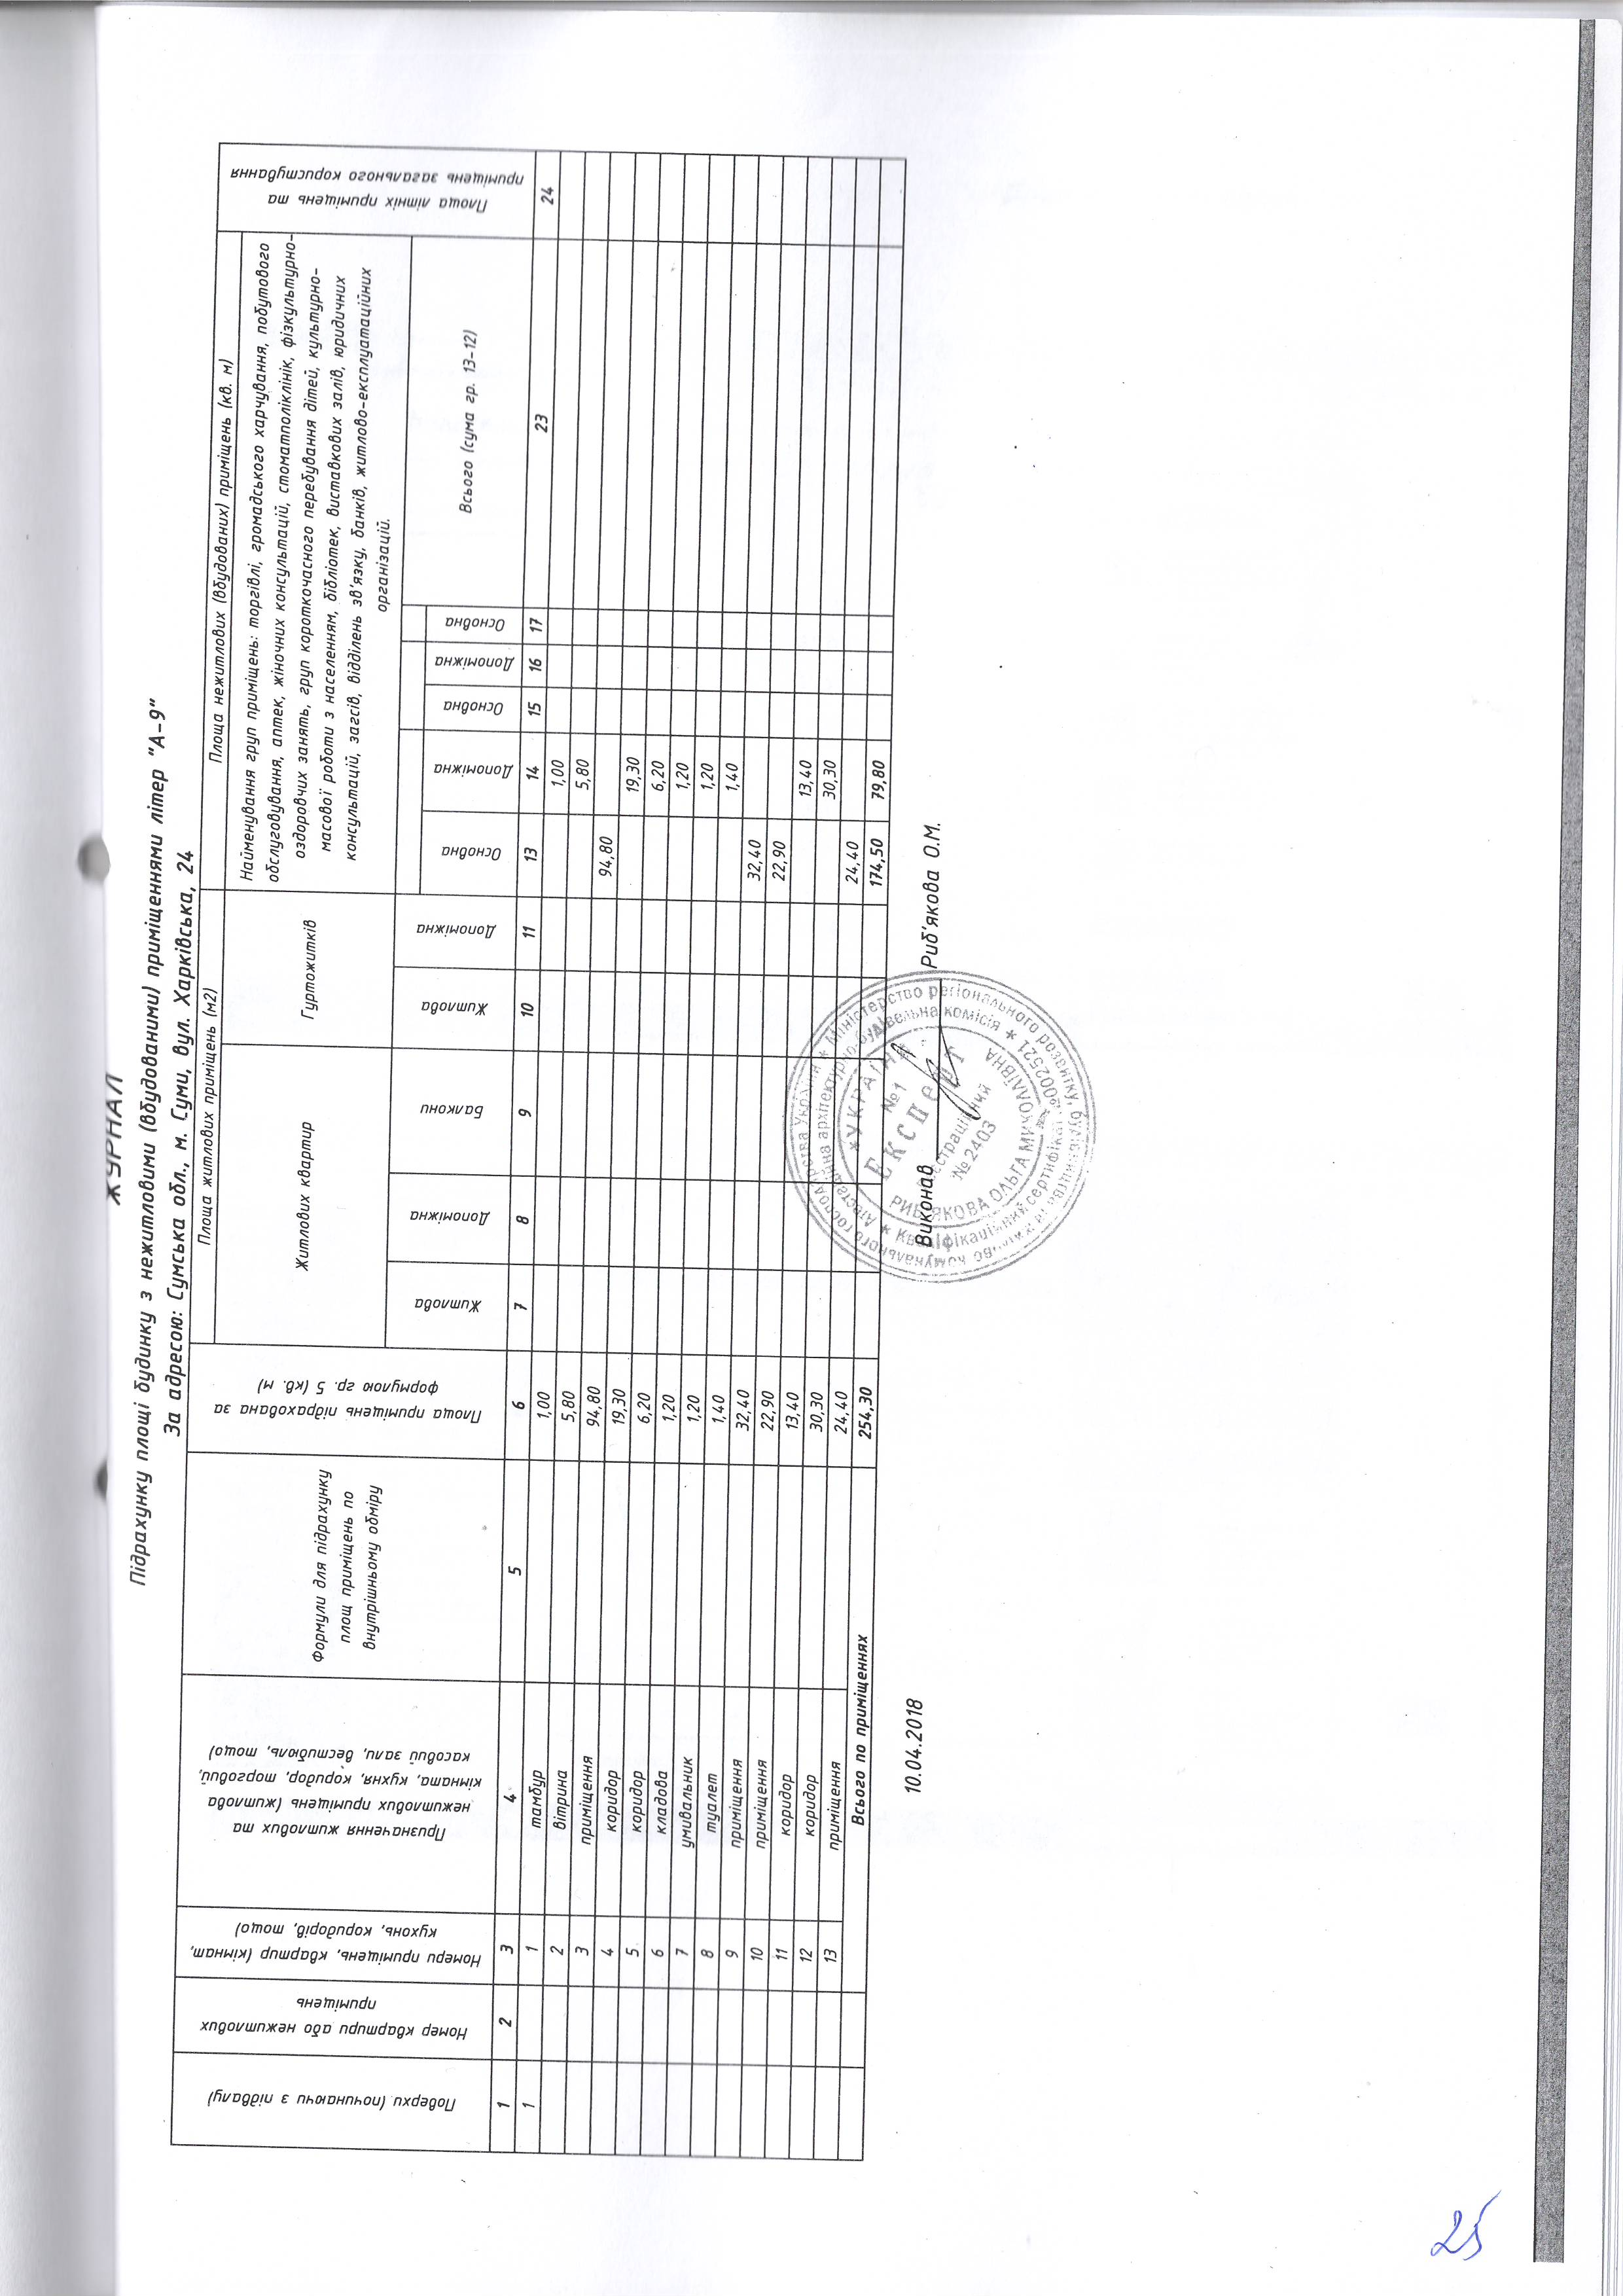 Оренда нежитлових приміщень за адресою: м. Суми, вул. Харківська, буд. 24, площею 254,3 кв.м